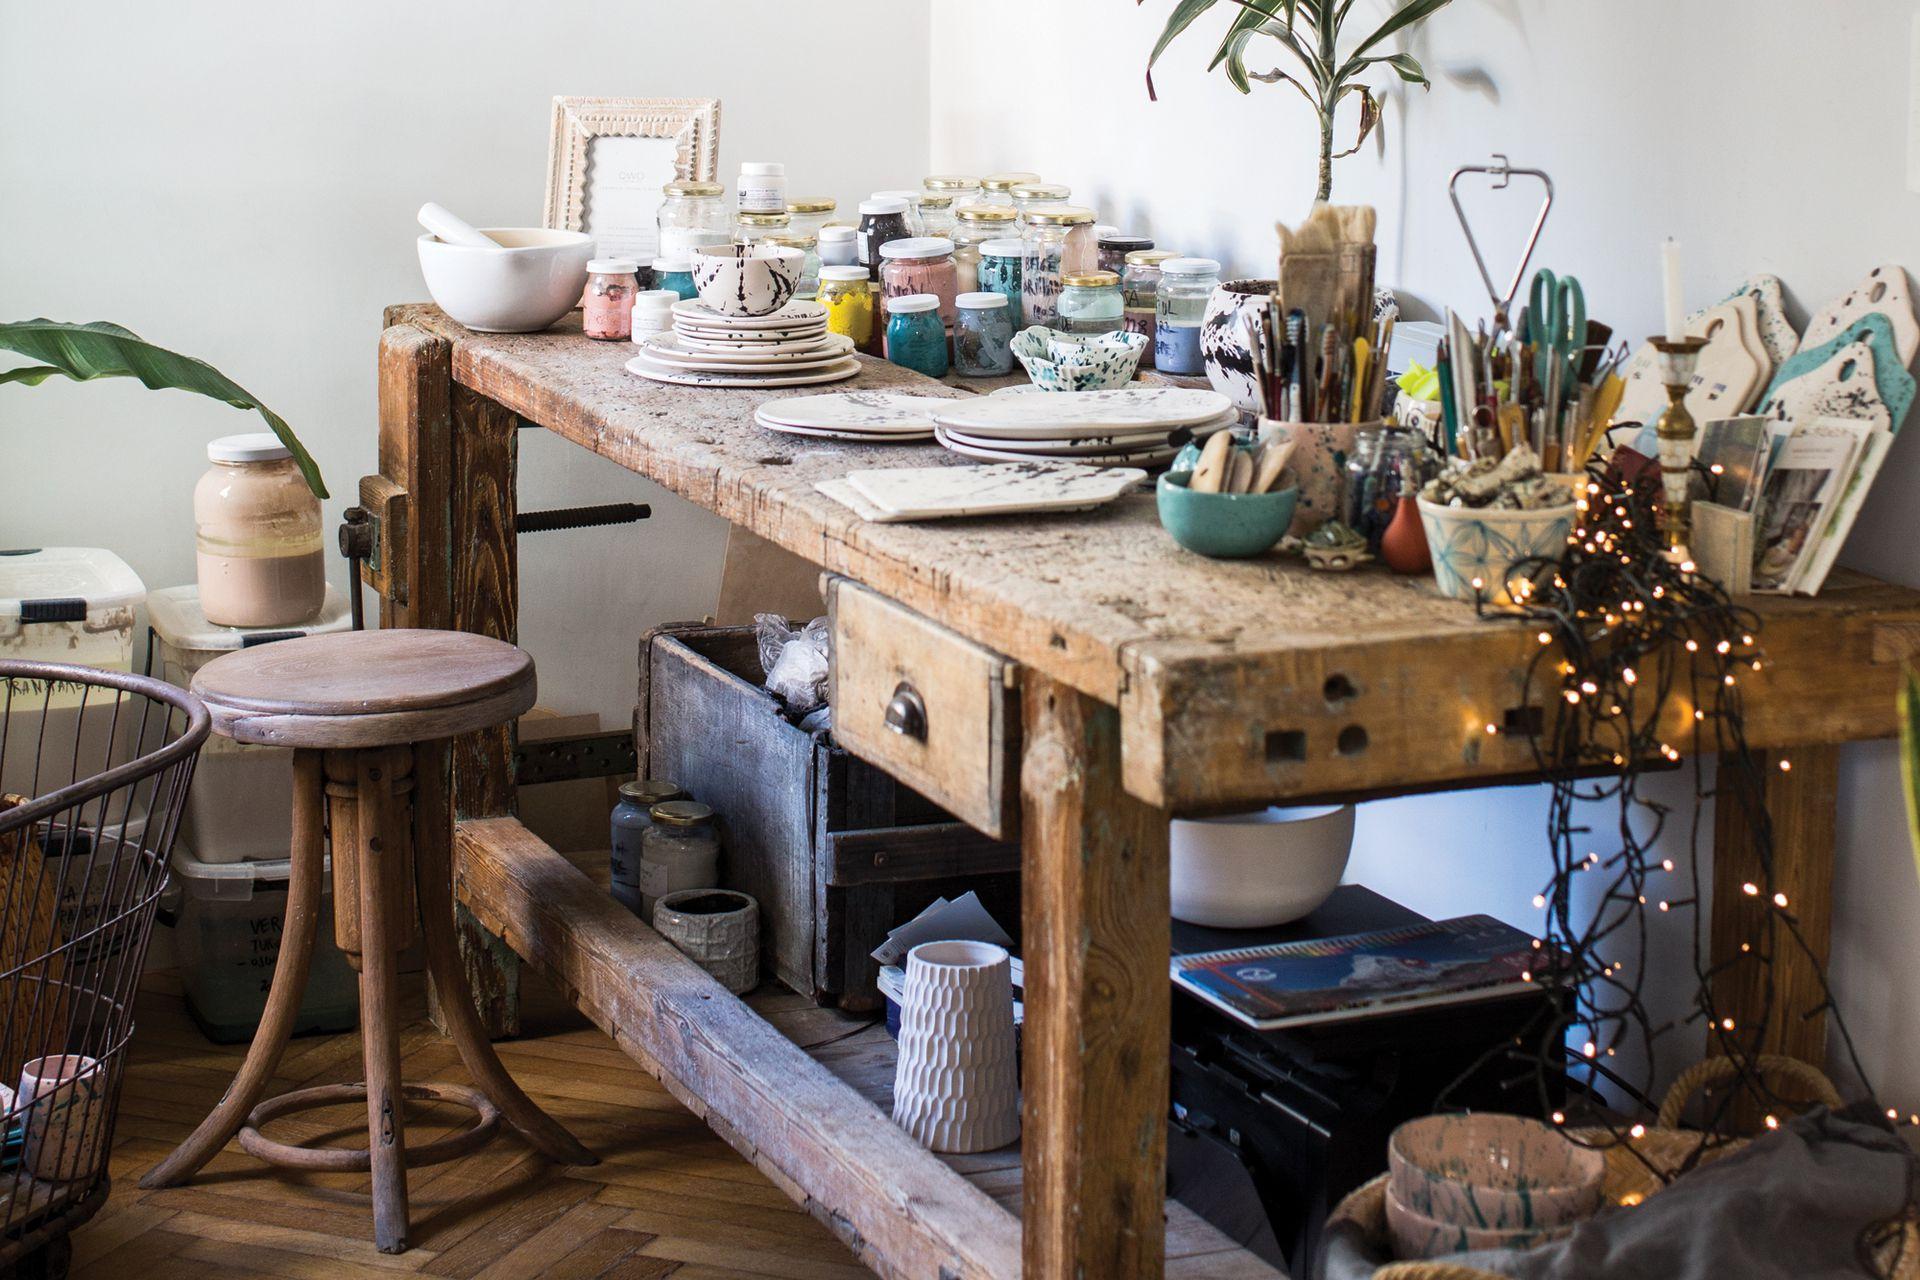 En el taller, tanto la mesa de carpintero como el banco y el canasto de panadero son antigüedades encontradas en Tandil.